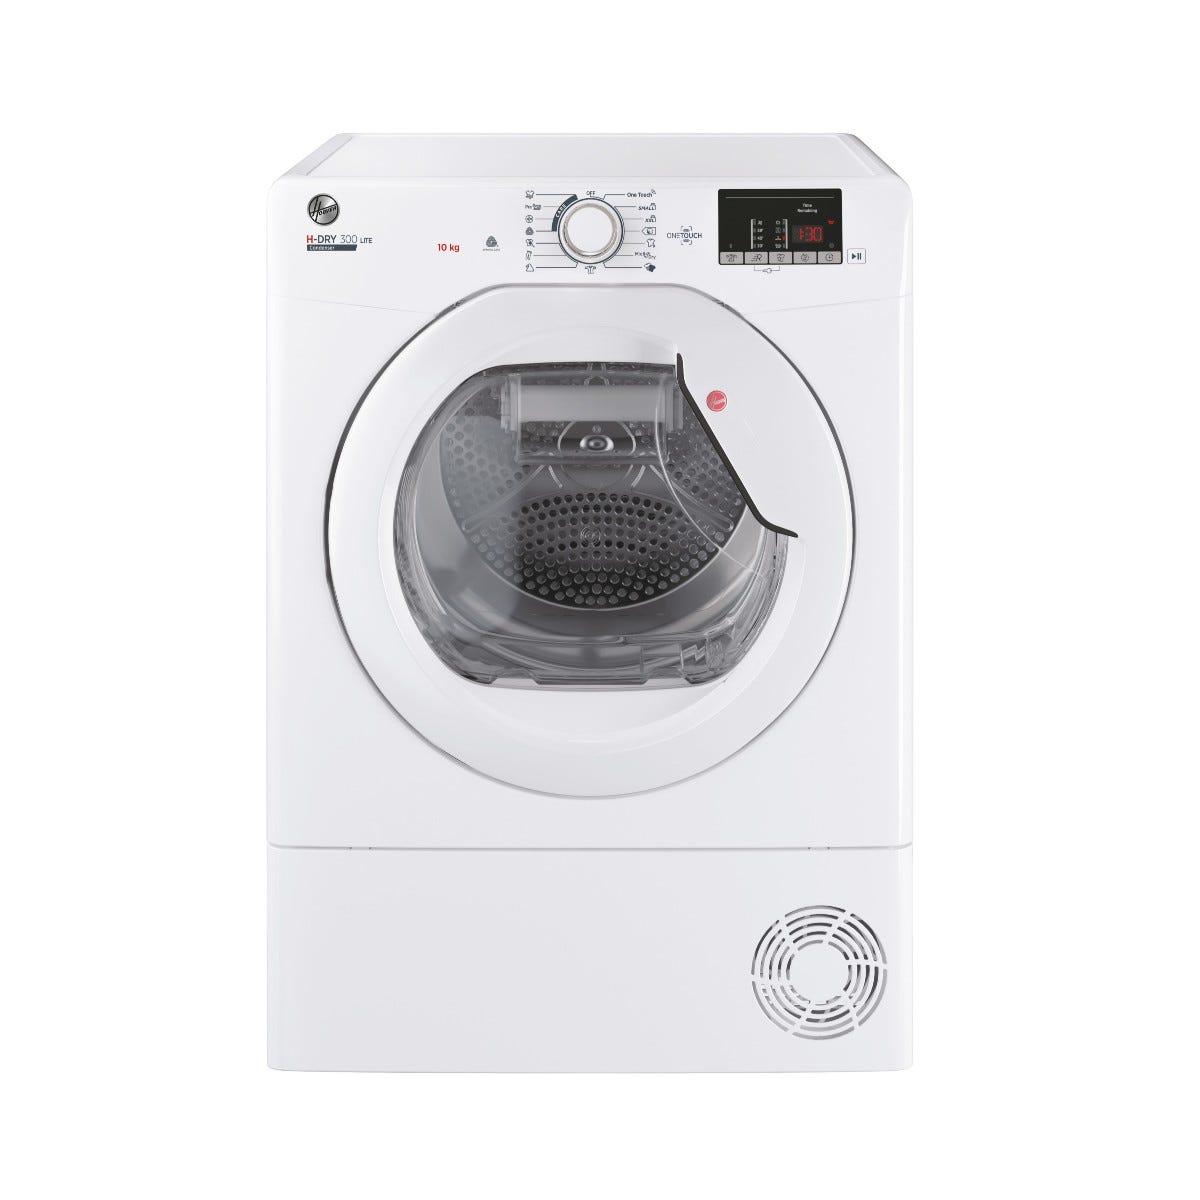 Hoover HLE C10DE-80 10kg Condenser Tumble Dryer - White